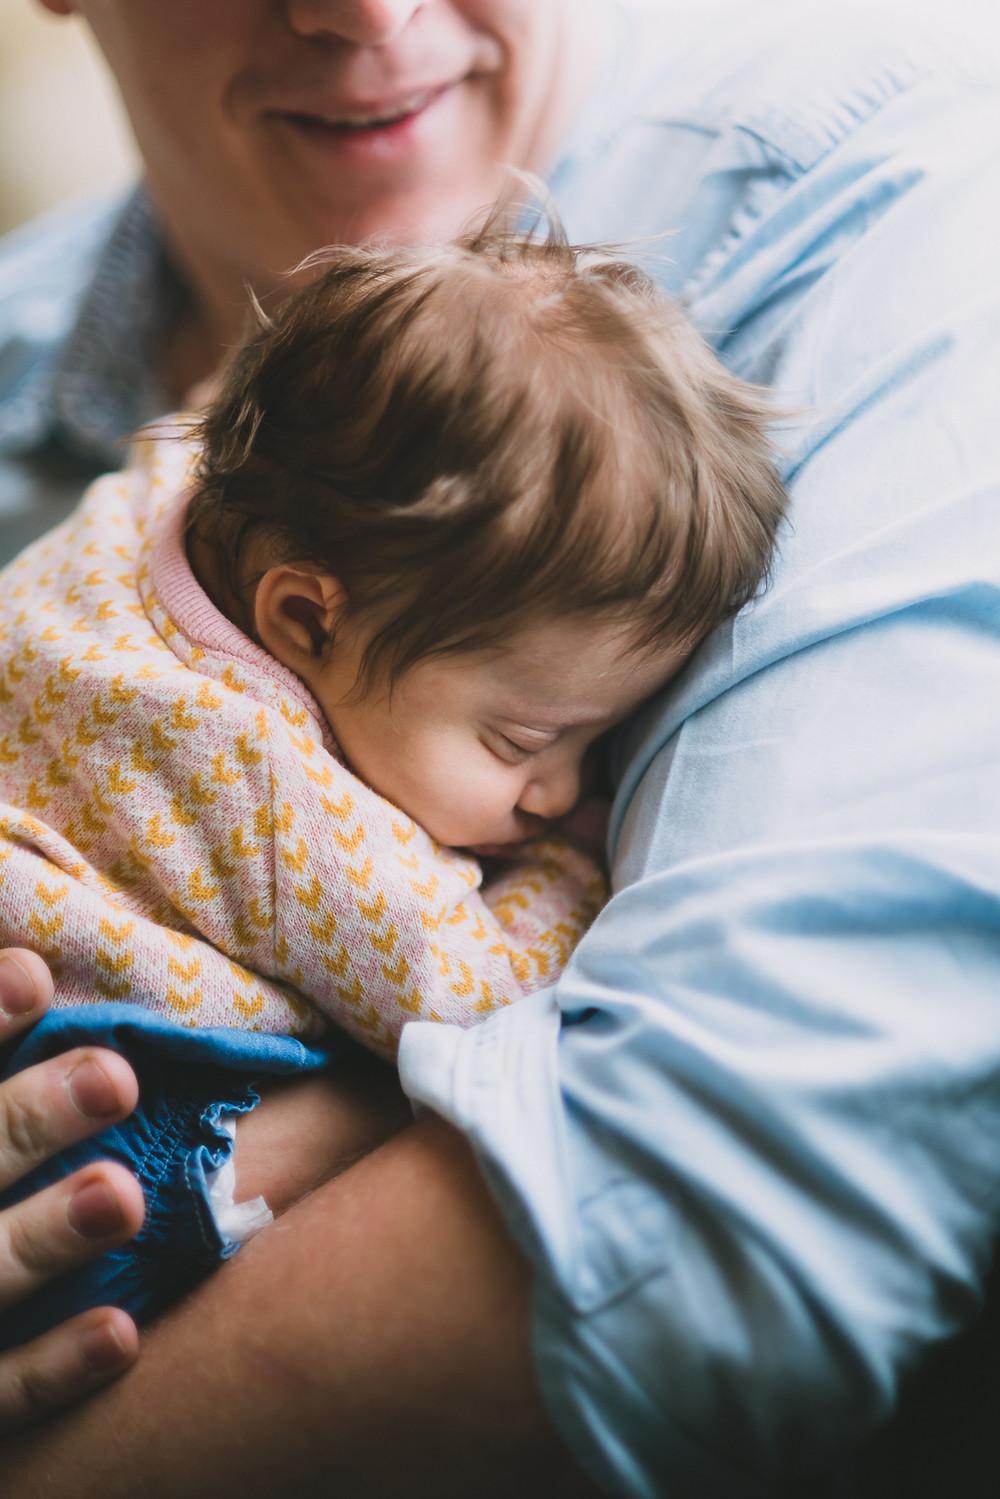 Babyreportage Rosie (c) Silvie Bonne